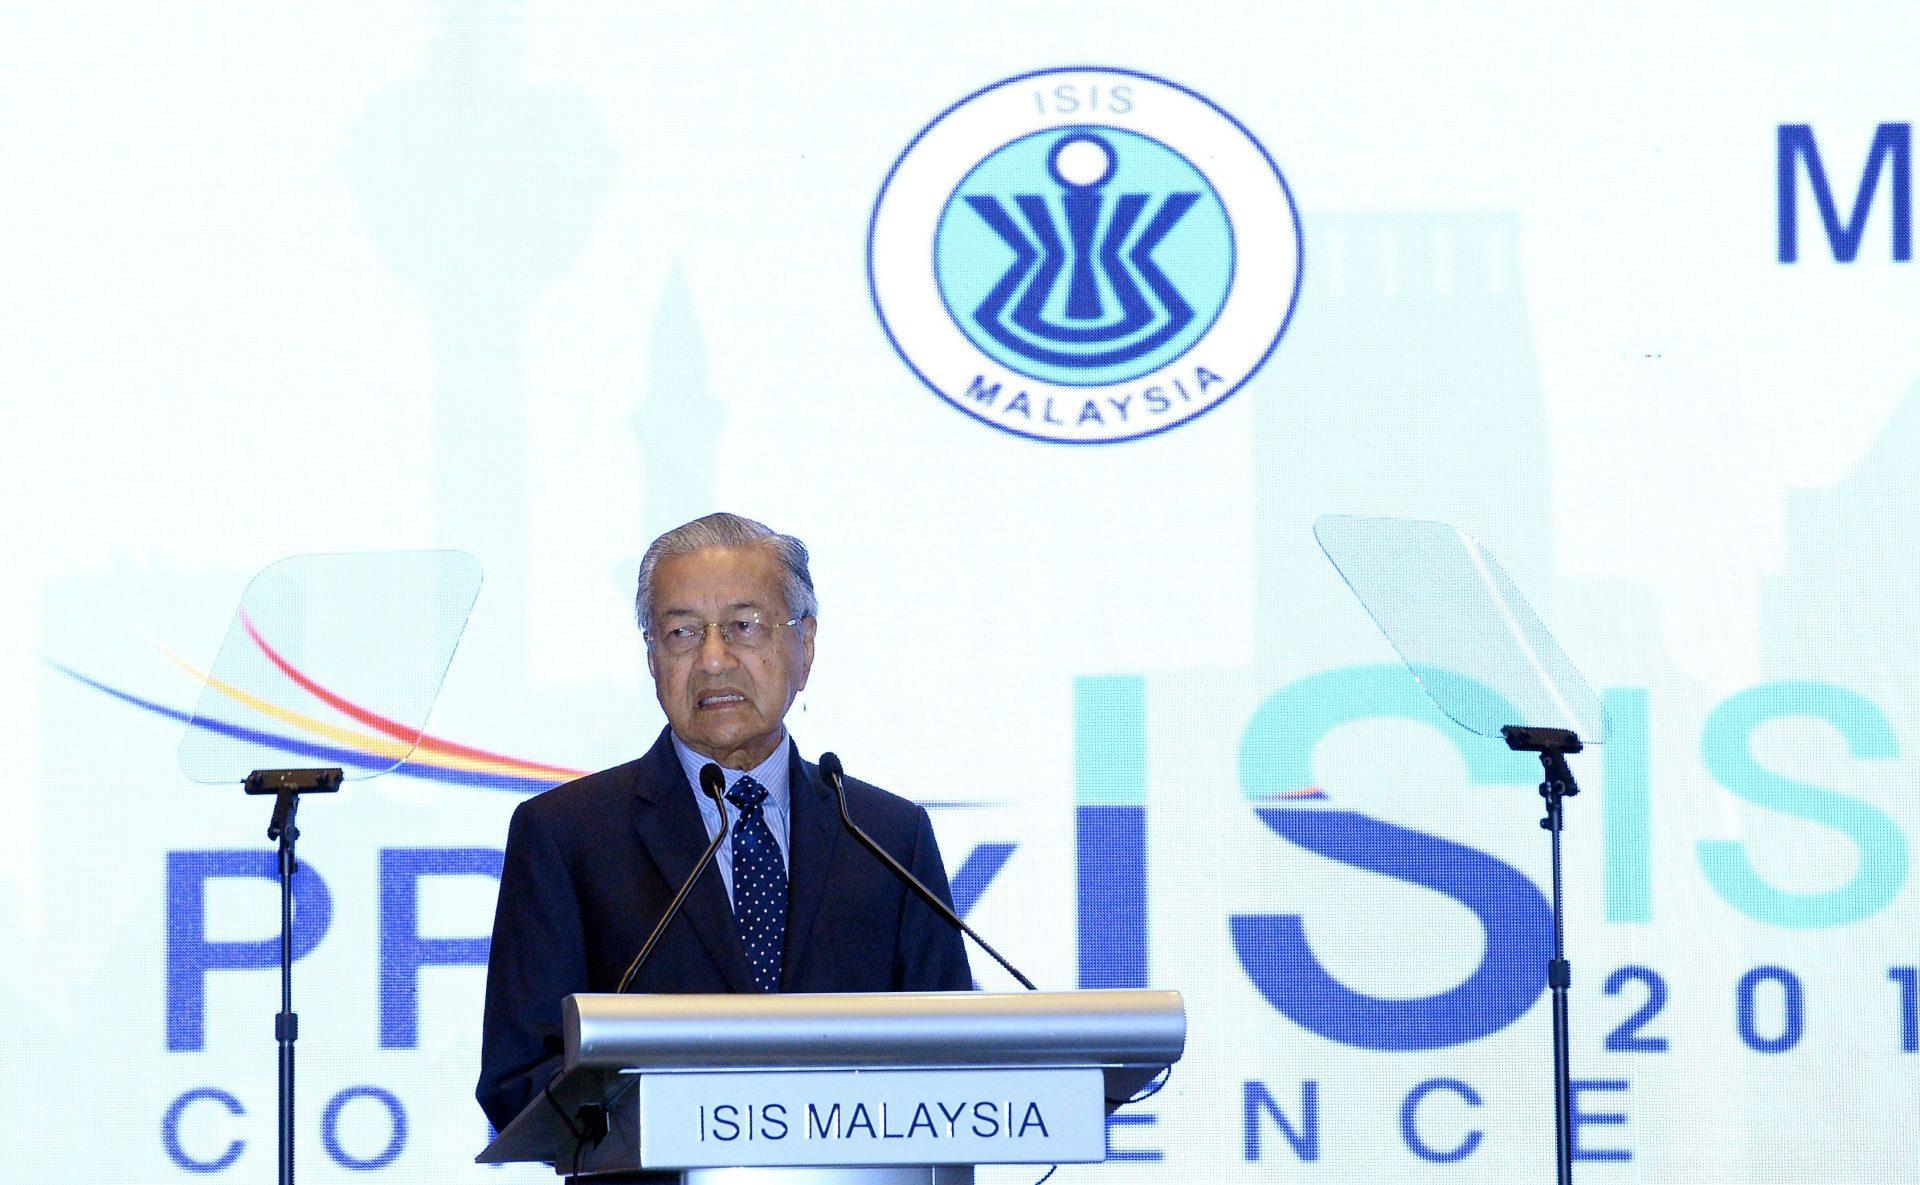 مهاتير محمد يحذر من عقوبات تجارية محتملة على ماليزيا